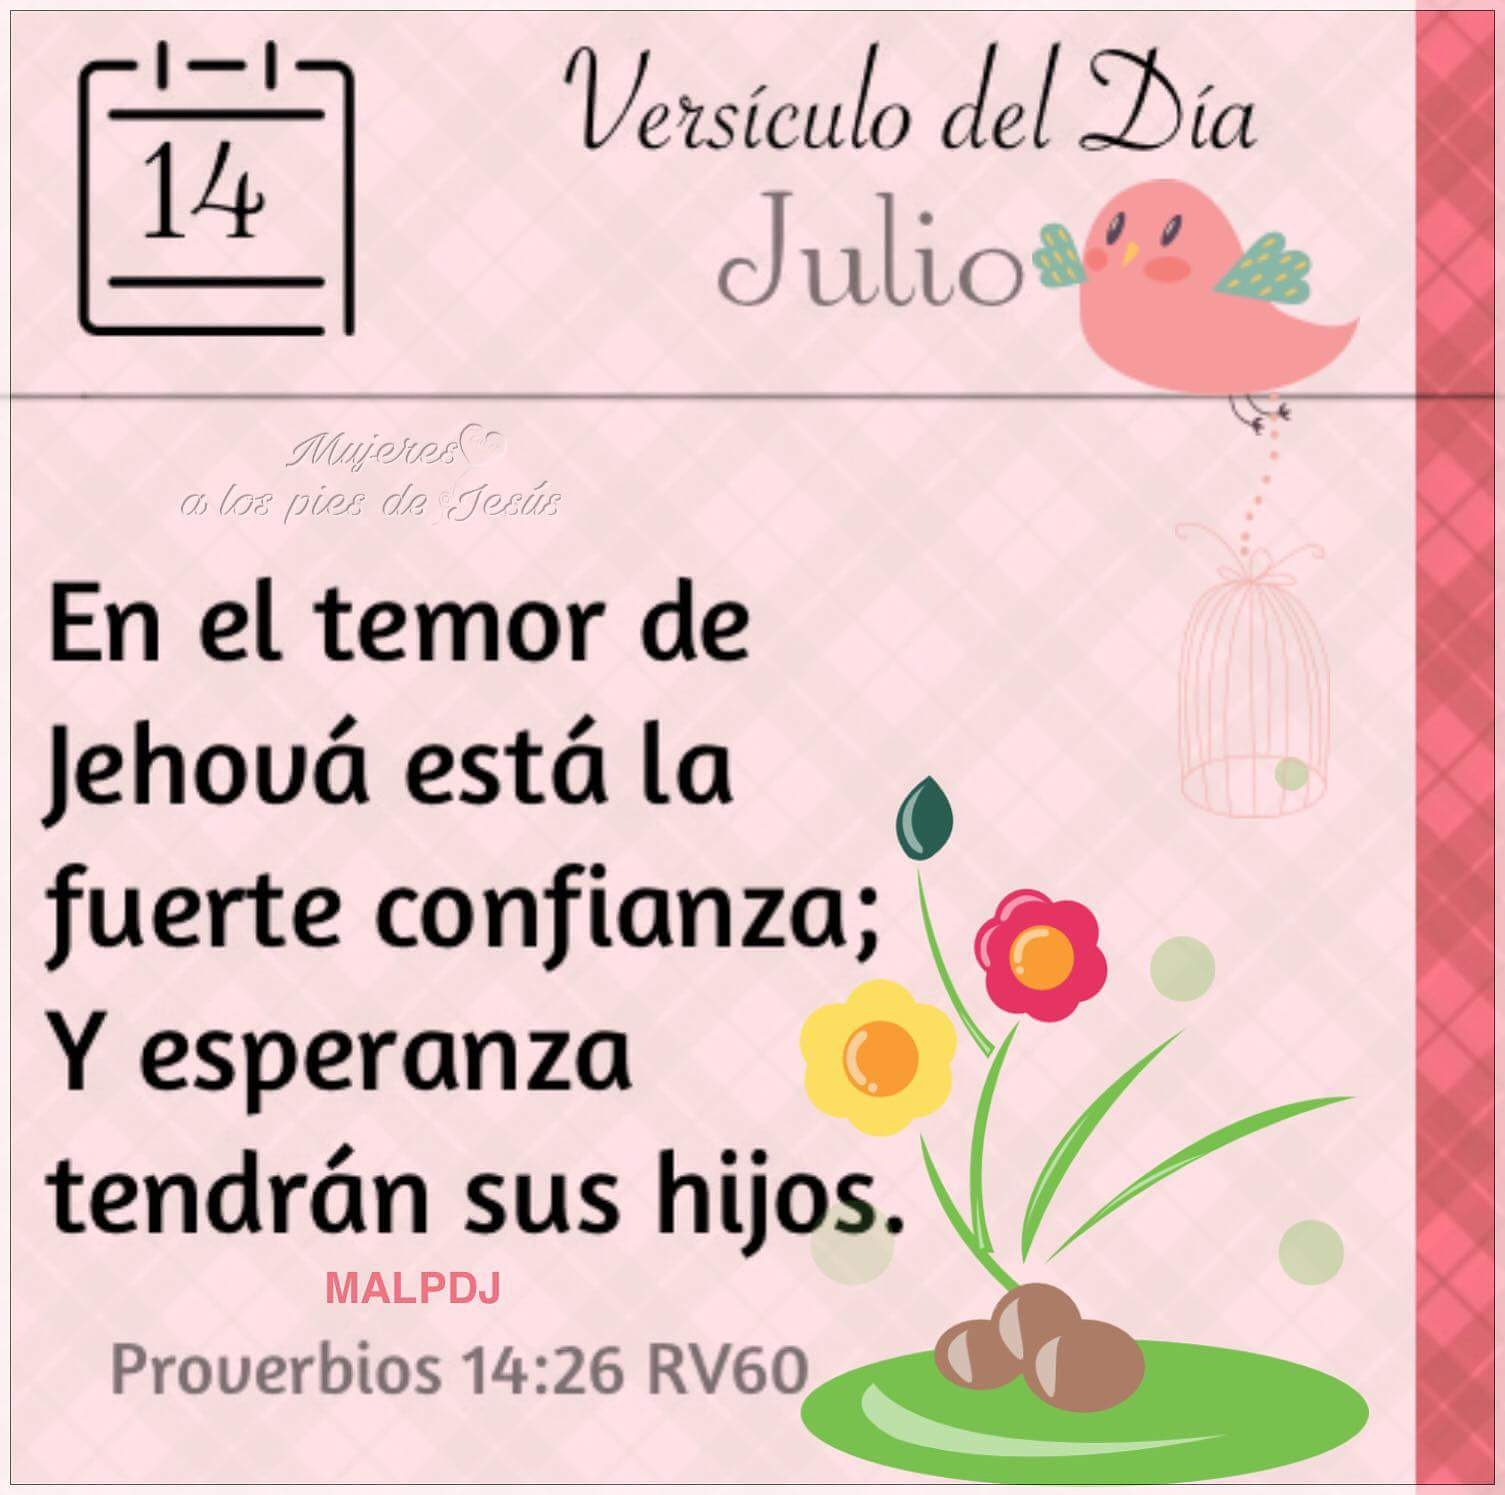 images Proverbios 14 26 el versiculo del dia